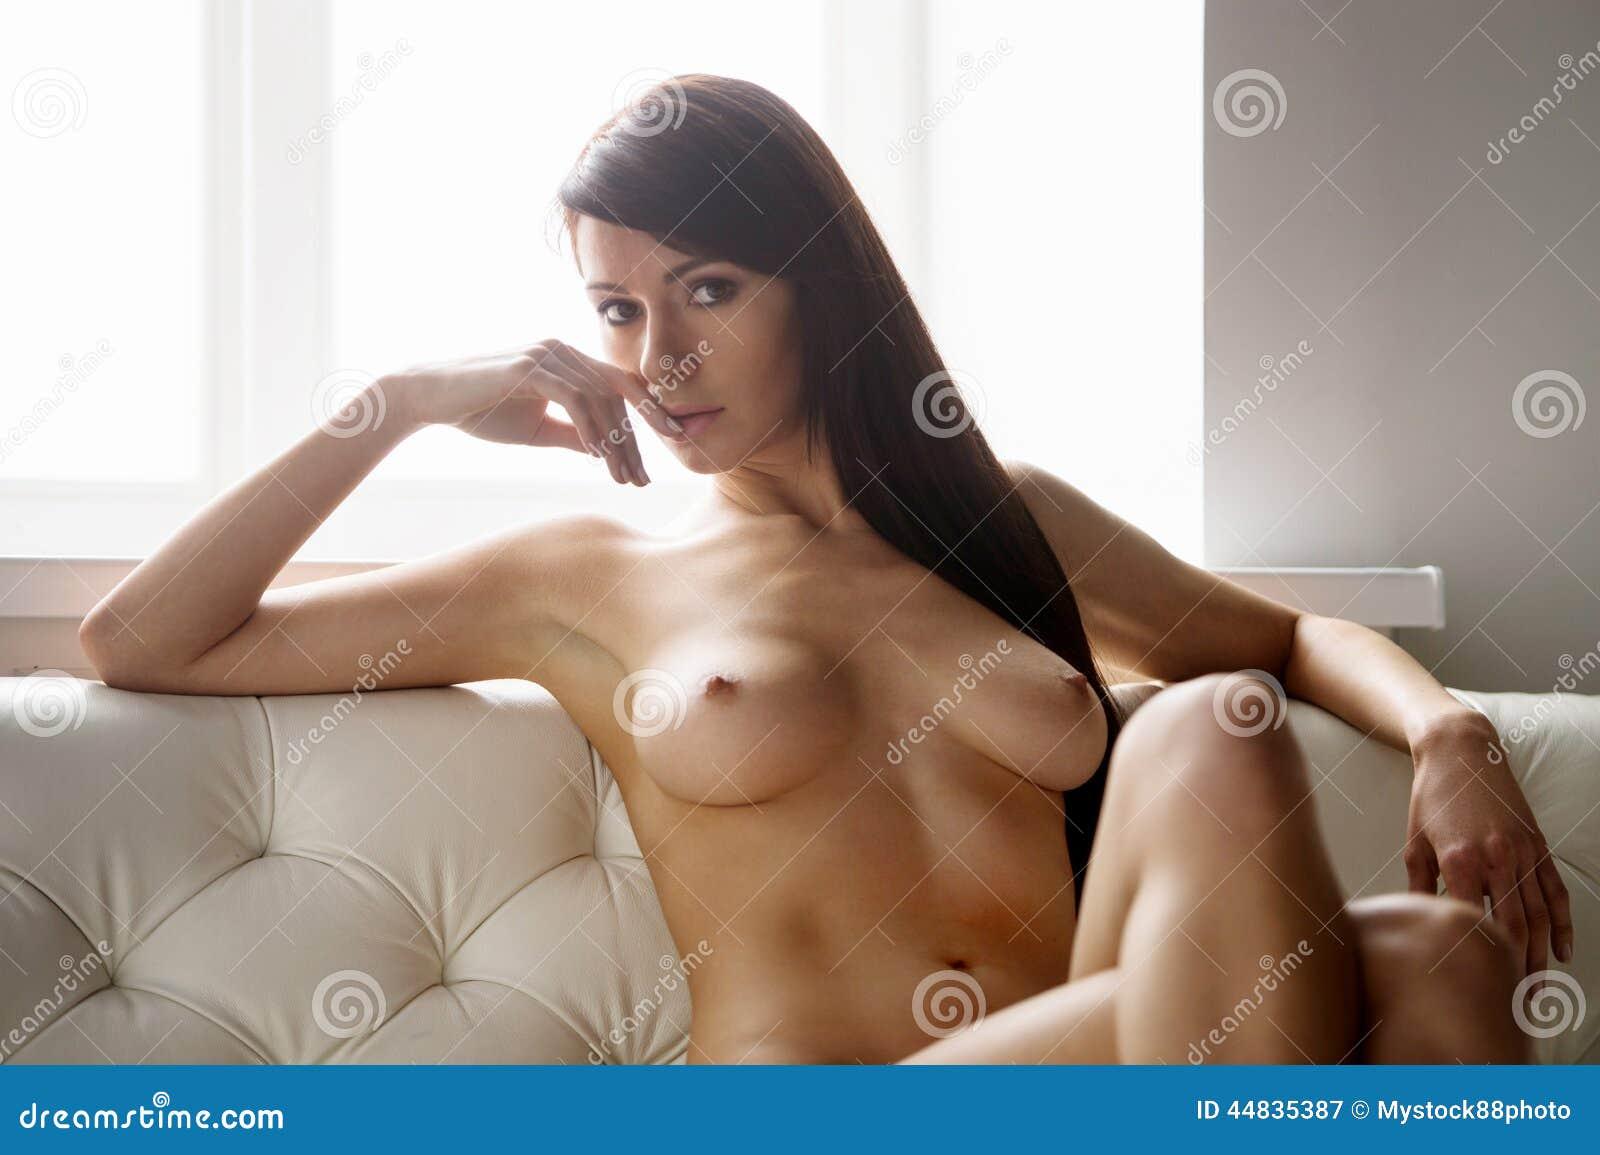 chelsie hightower naked